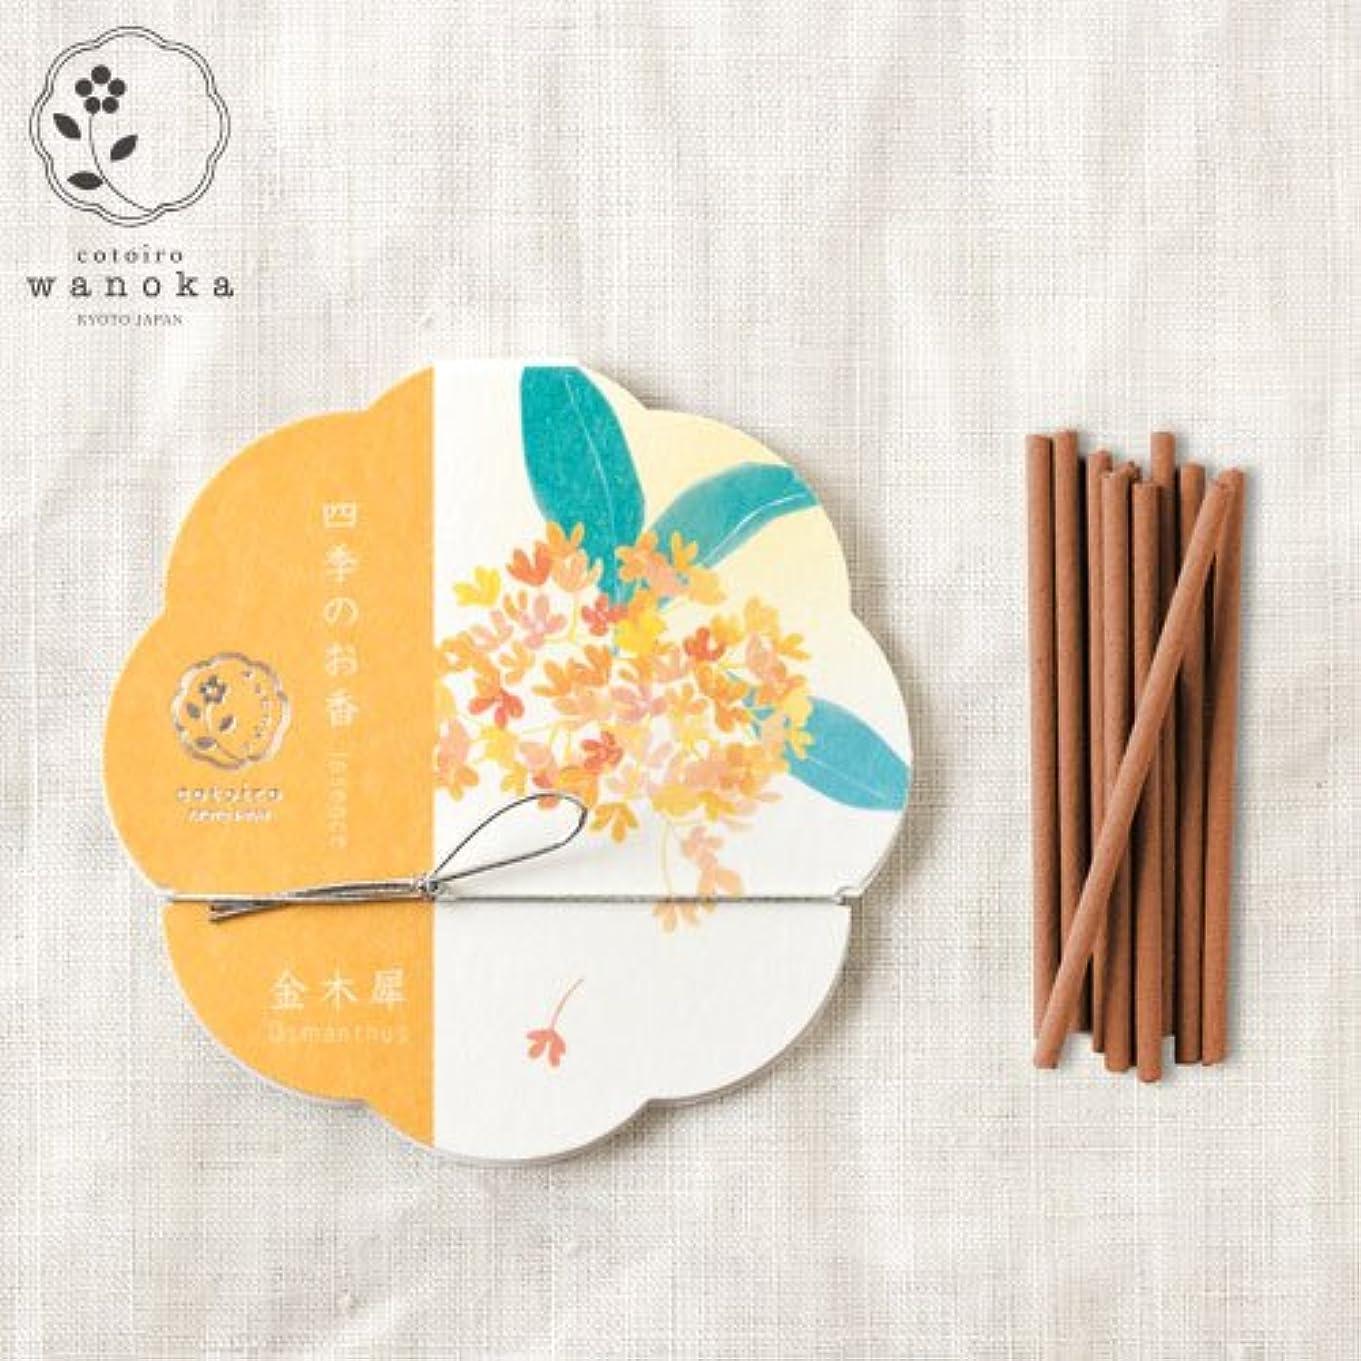 特別な暴露信条wanoka四季のお香(インセンス)金木犀《金木犀をイメージした果実のような甘い香り》ART LABIncense stick